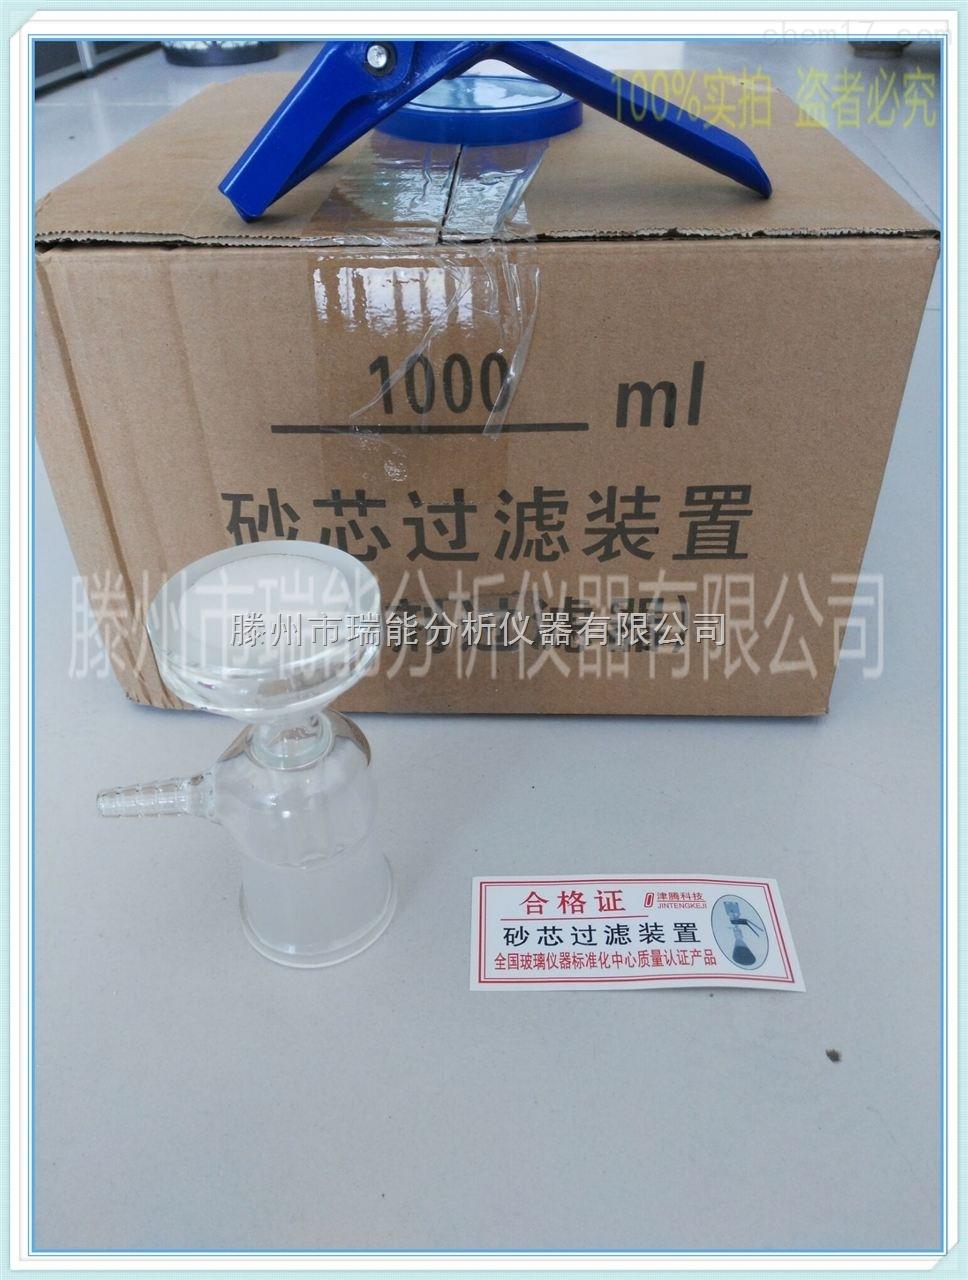 配套1000装置的砂芯抽滤头 砂芯装置配件 过滤装置溶剂过滤器